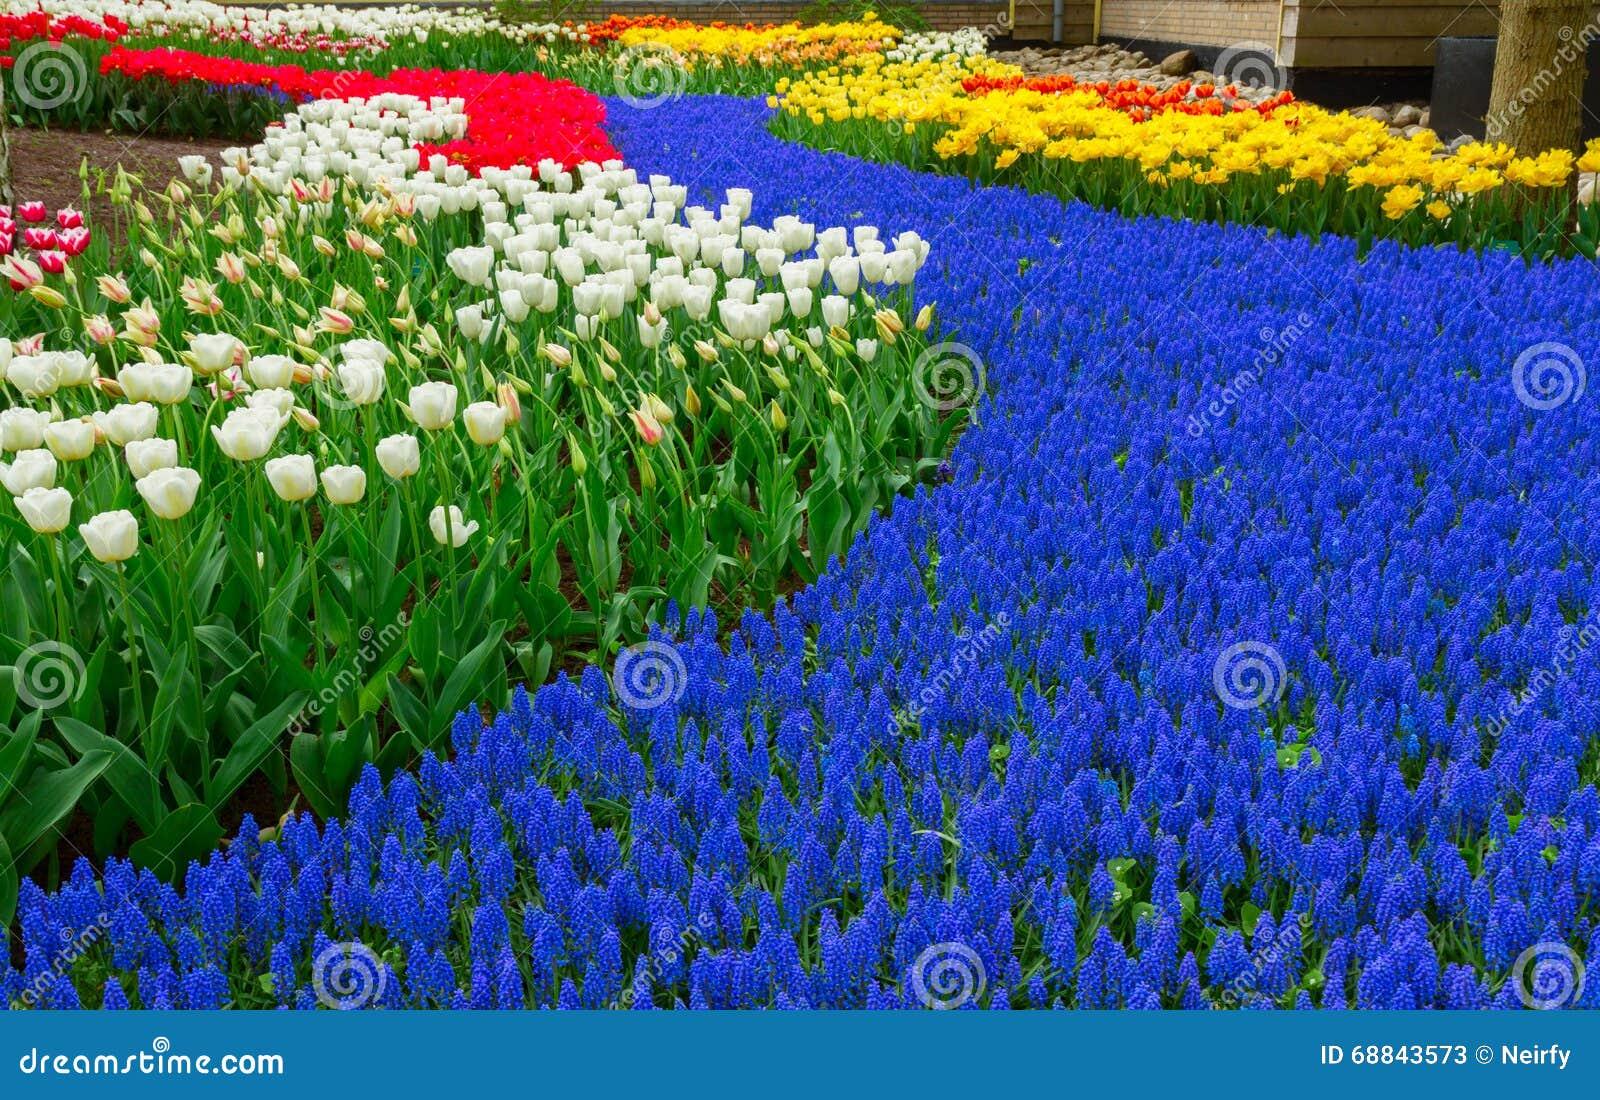 Rivi re bleue des fleurs dans le jardin de la hollande for Fleurs dans le jardin